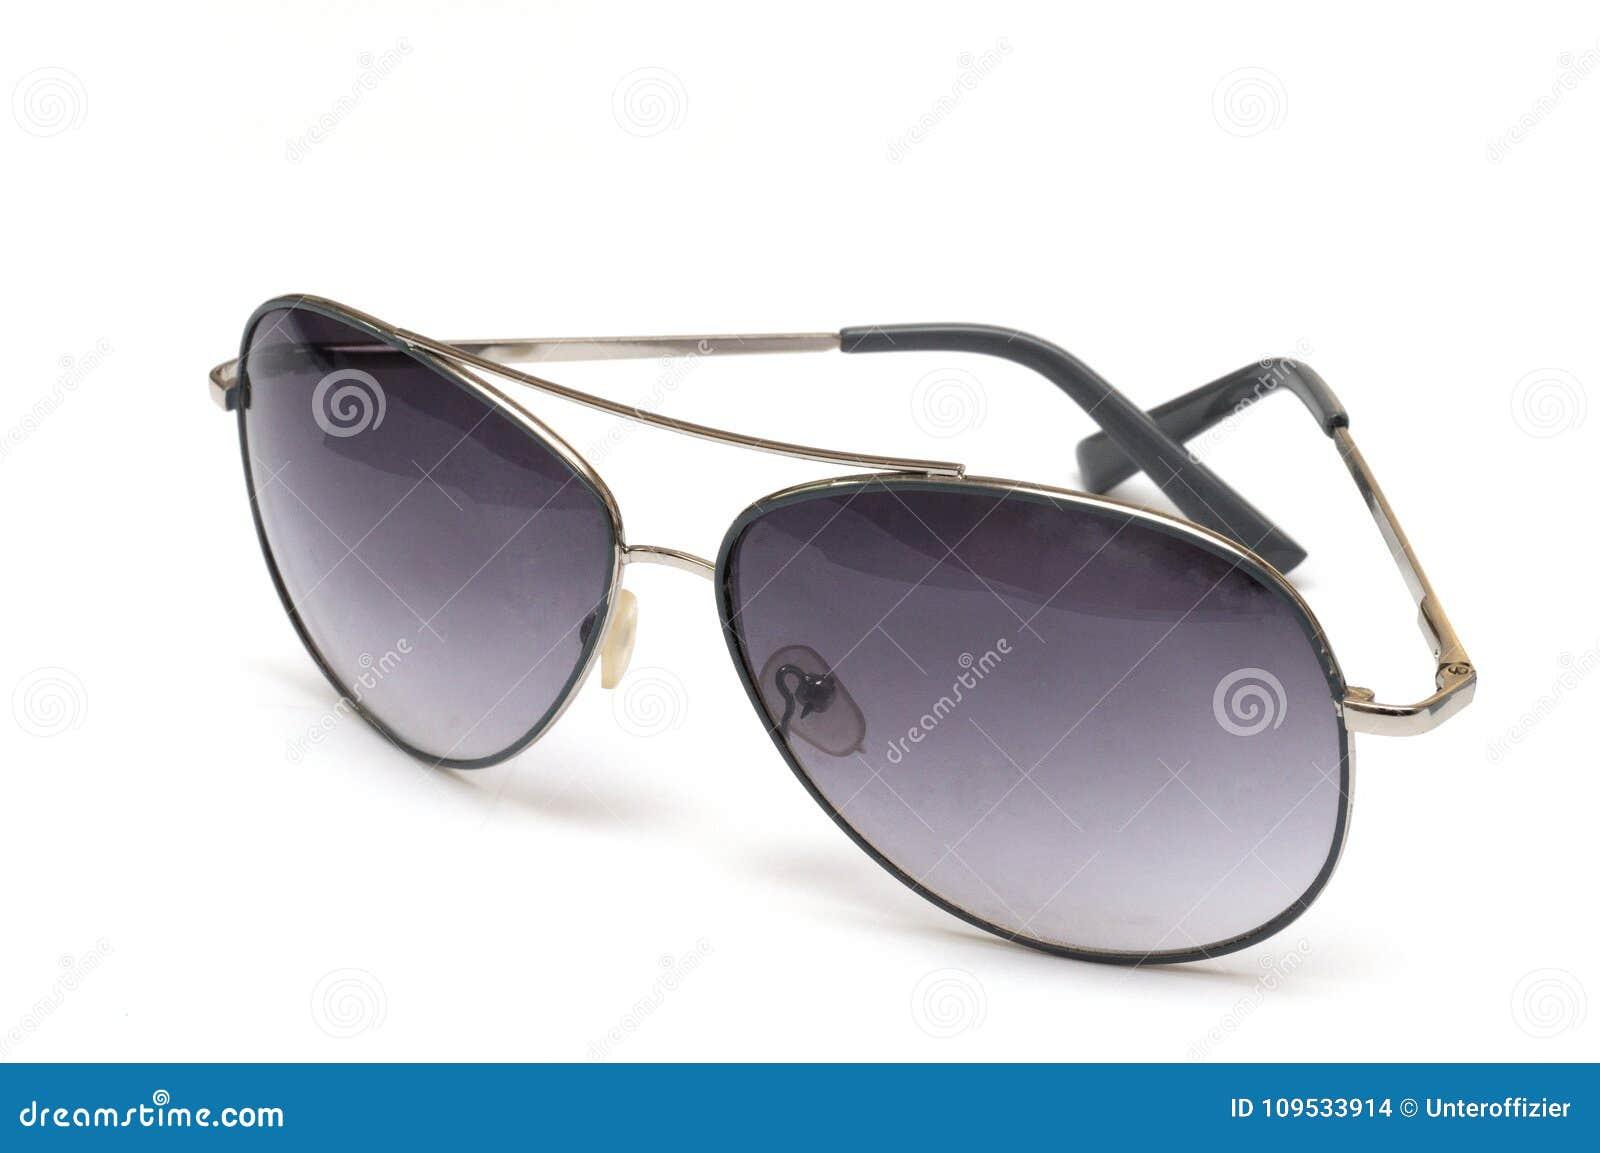 Ein Paar Fliegersonnenbrille gegen einen weißen Hintergrund